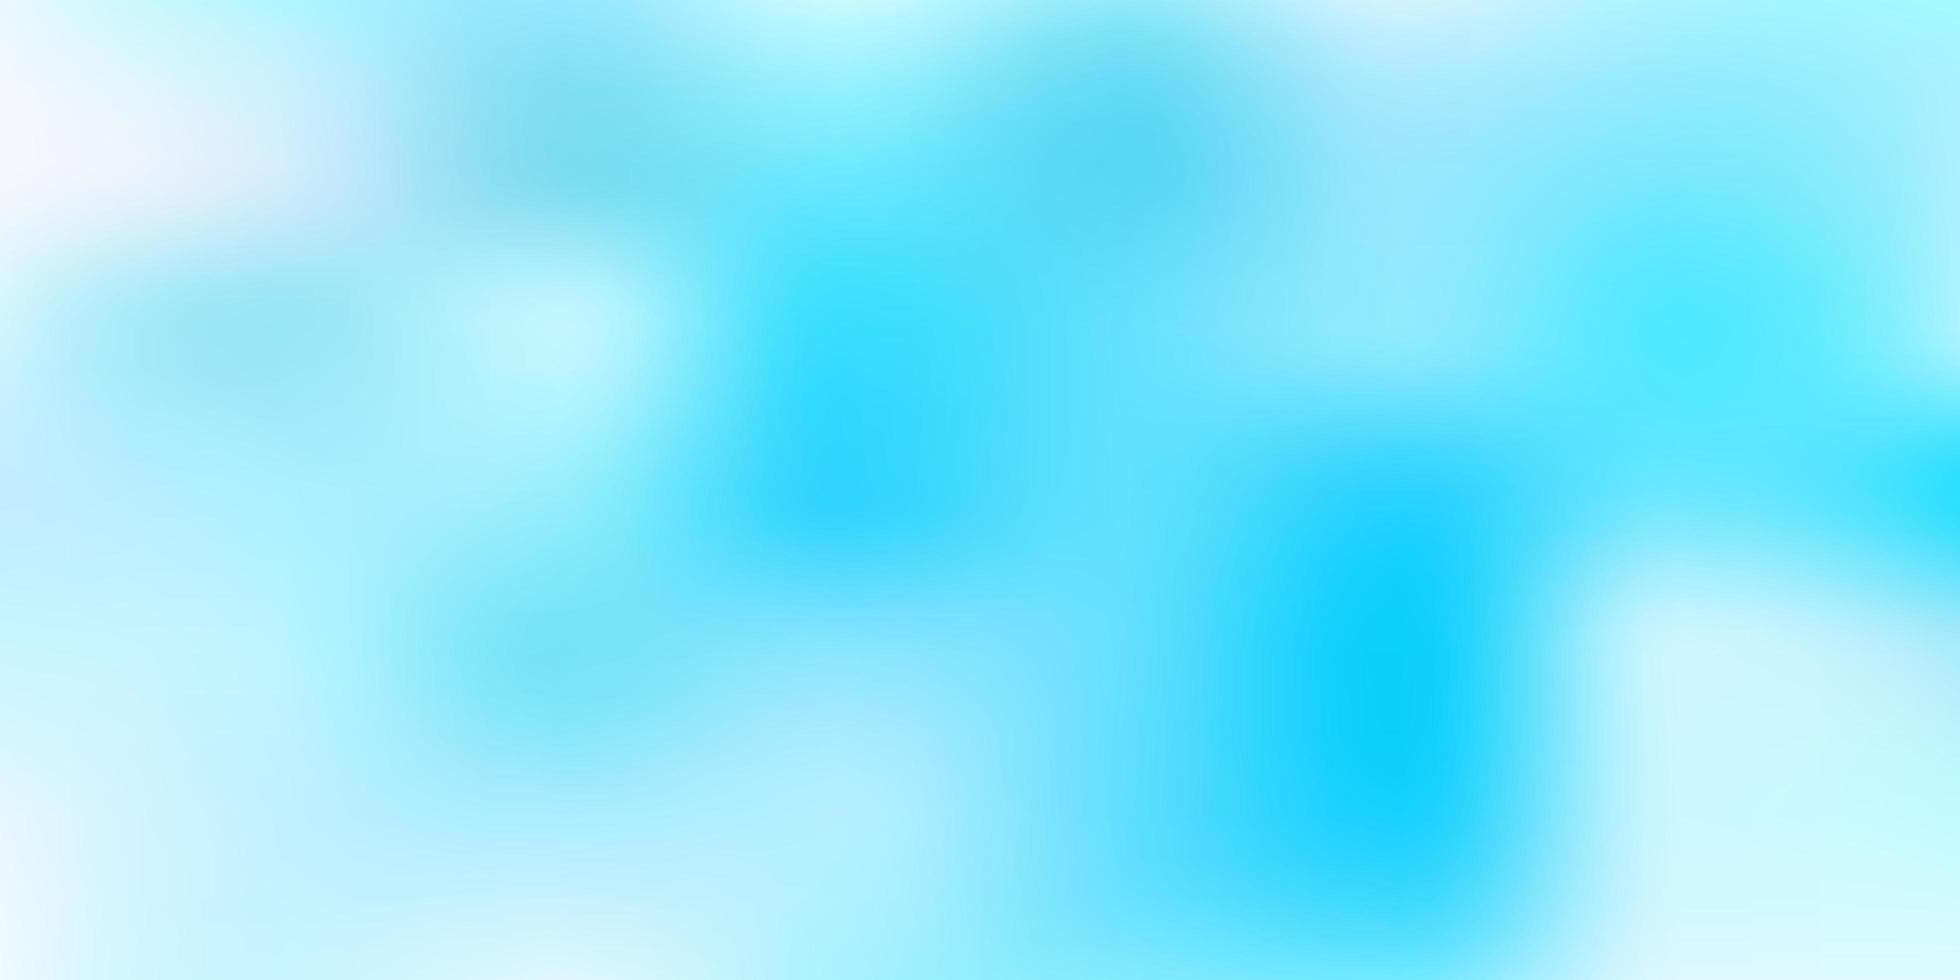 hellblauer Vektor verwischen Hintergrund.